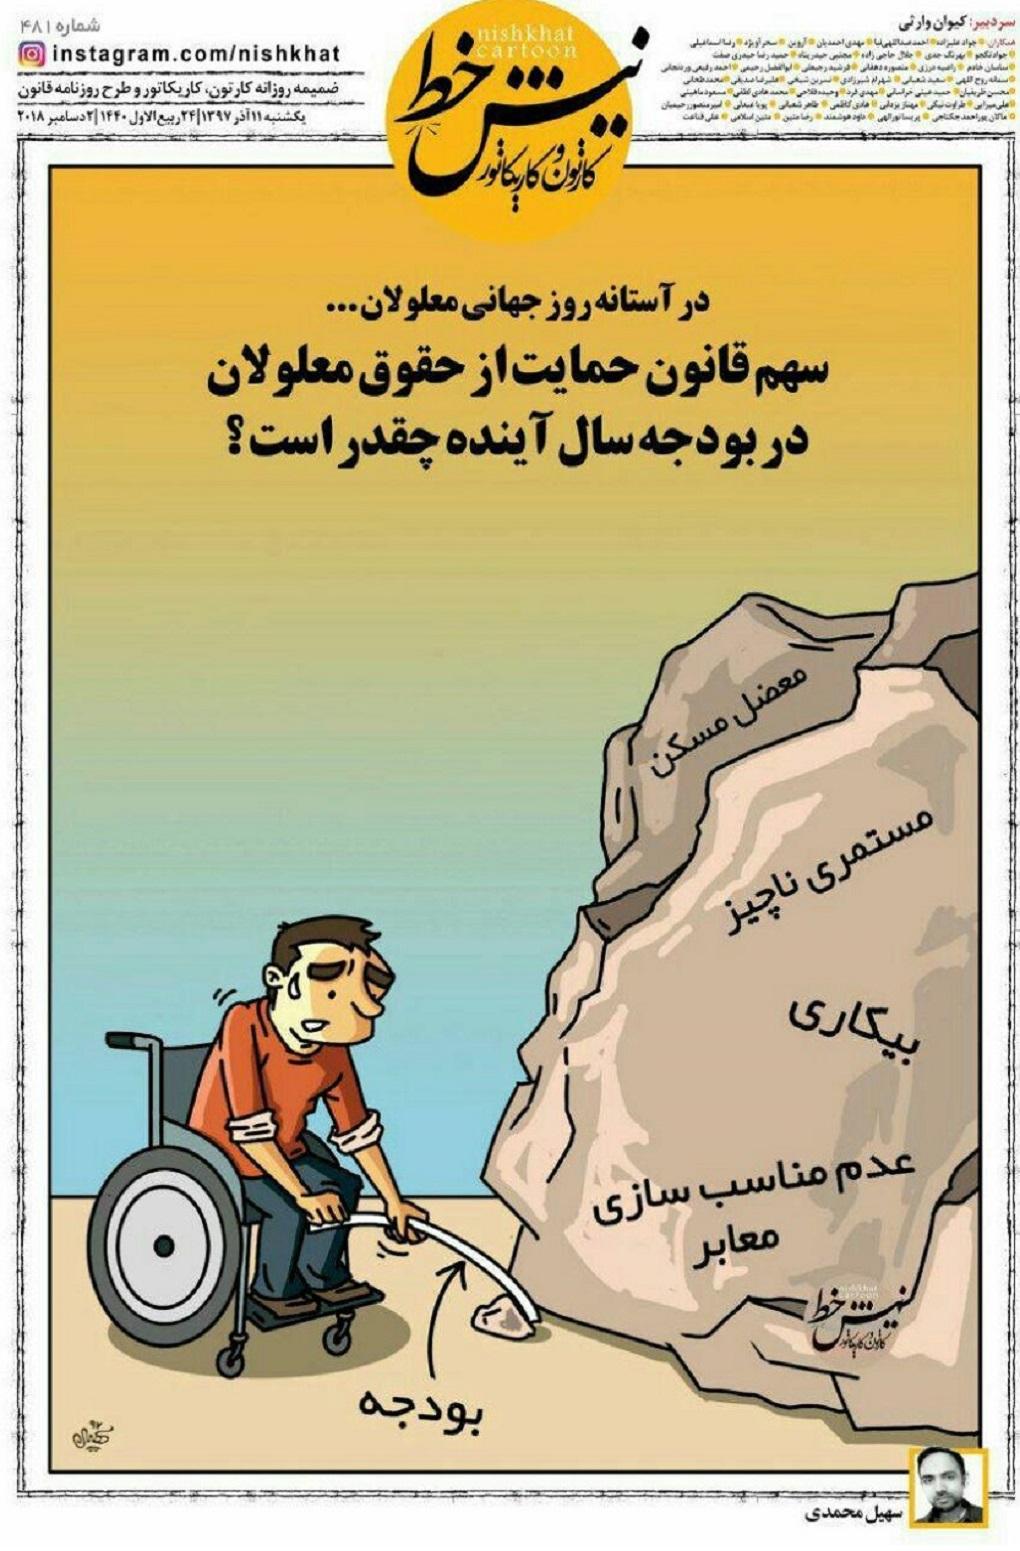 کاریکاتور شماره 19